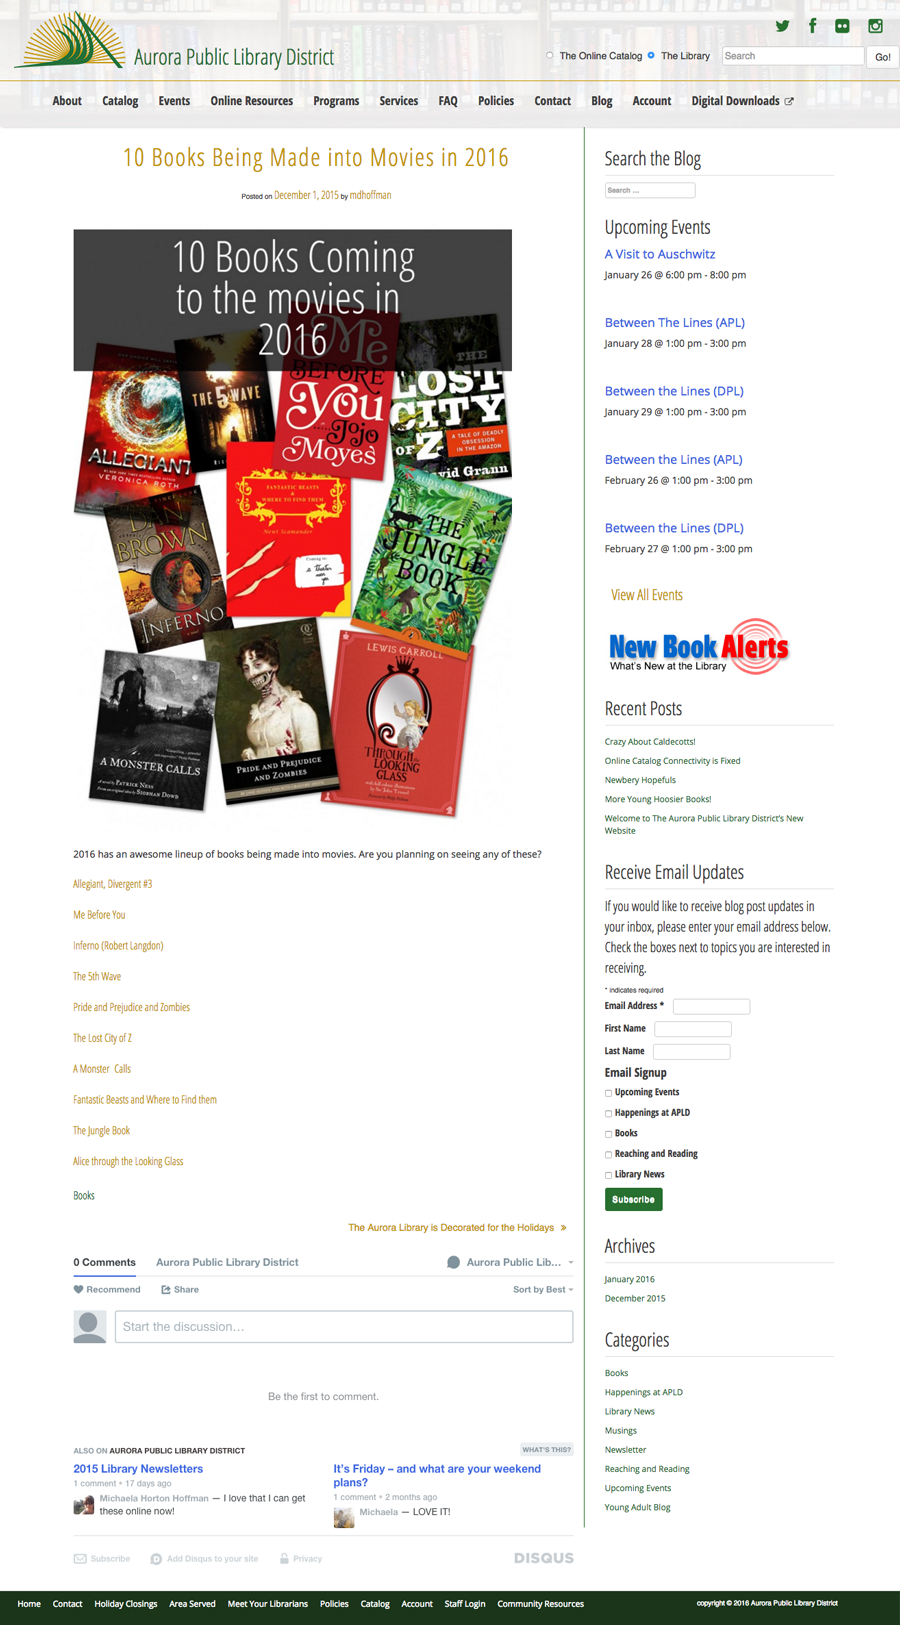 Aurora Public Library District Website Design & Development